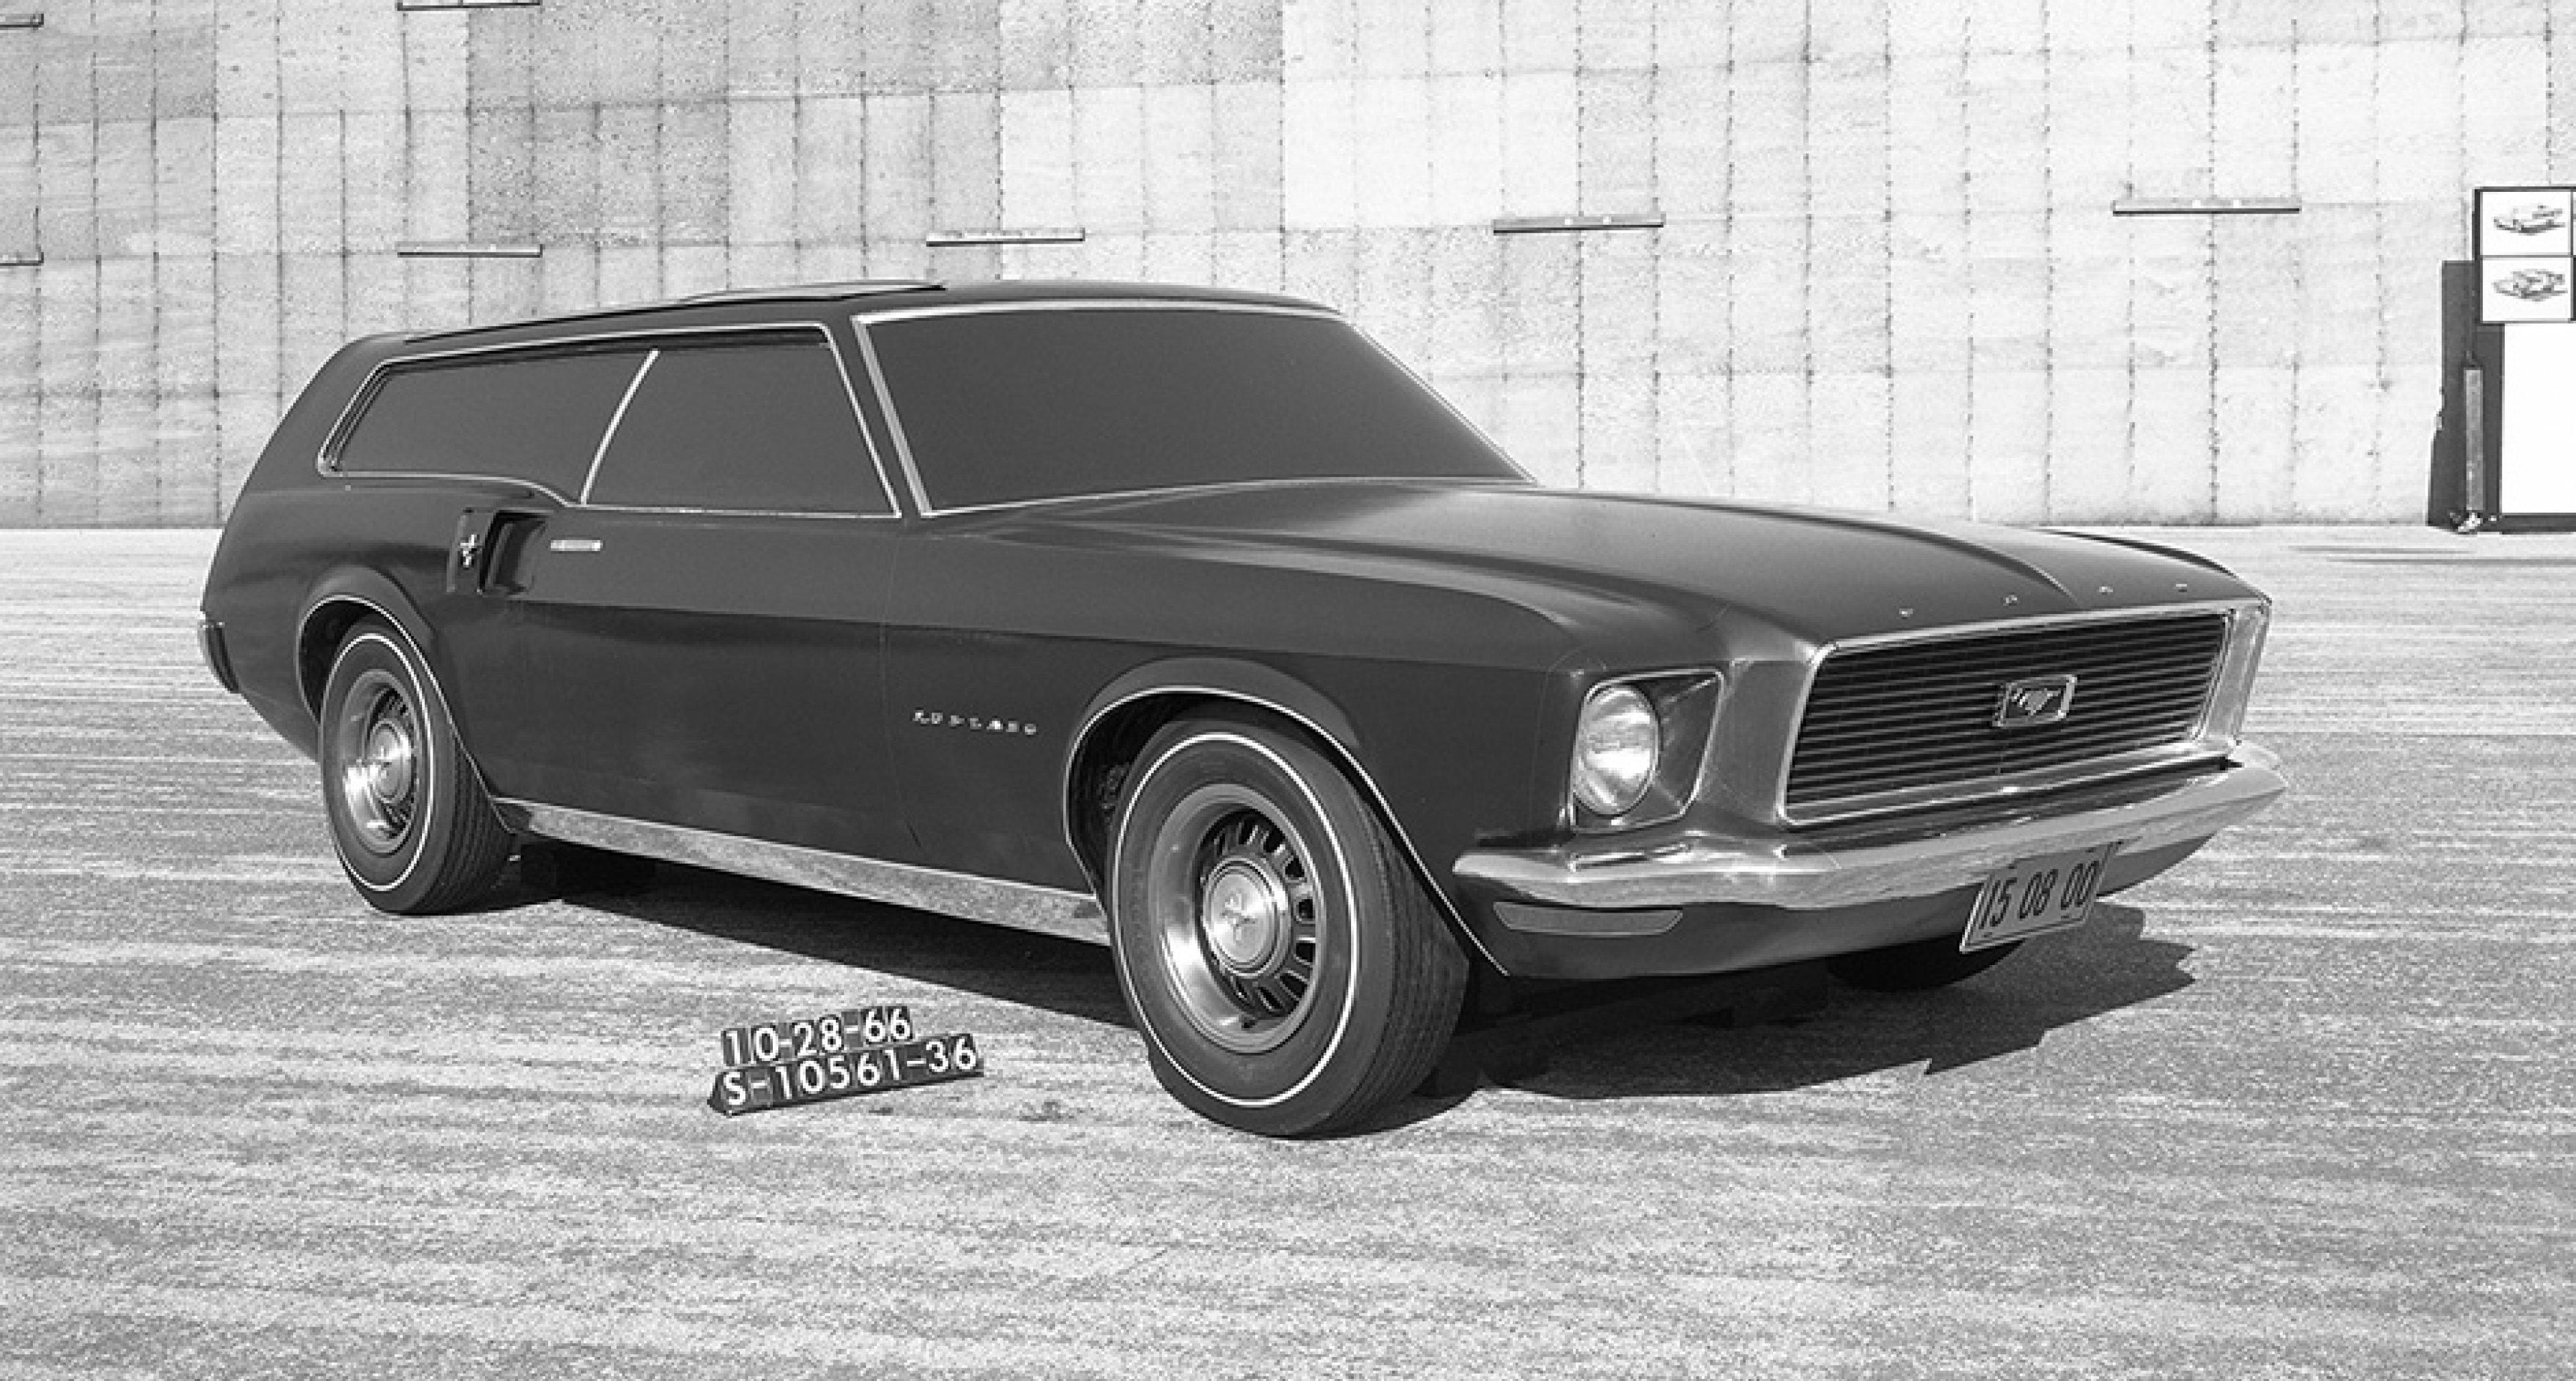 1966 Mustang shooting brake